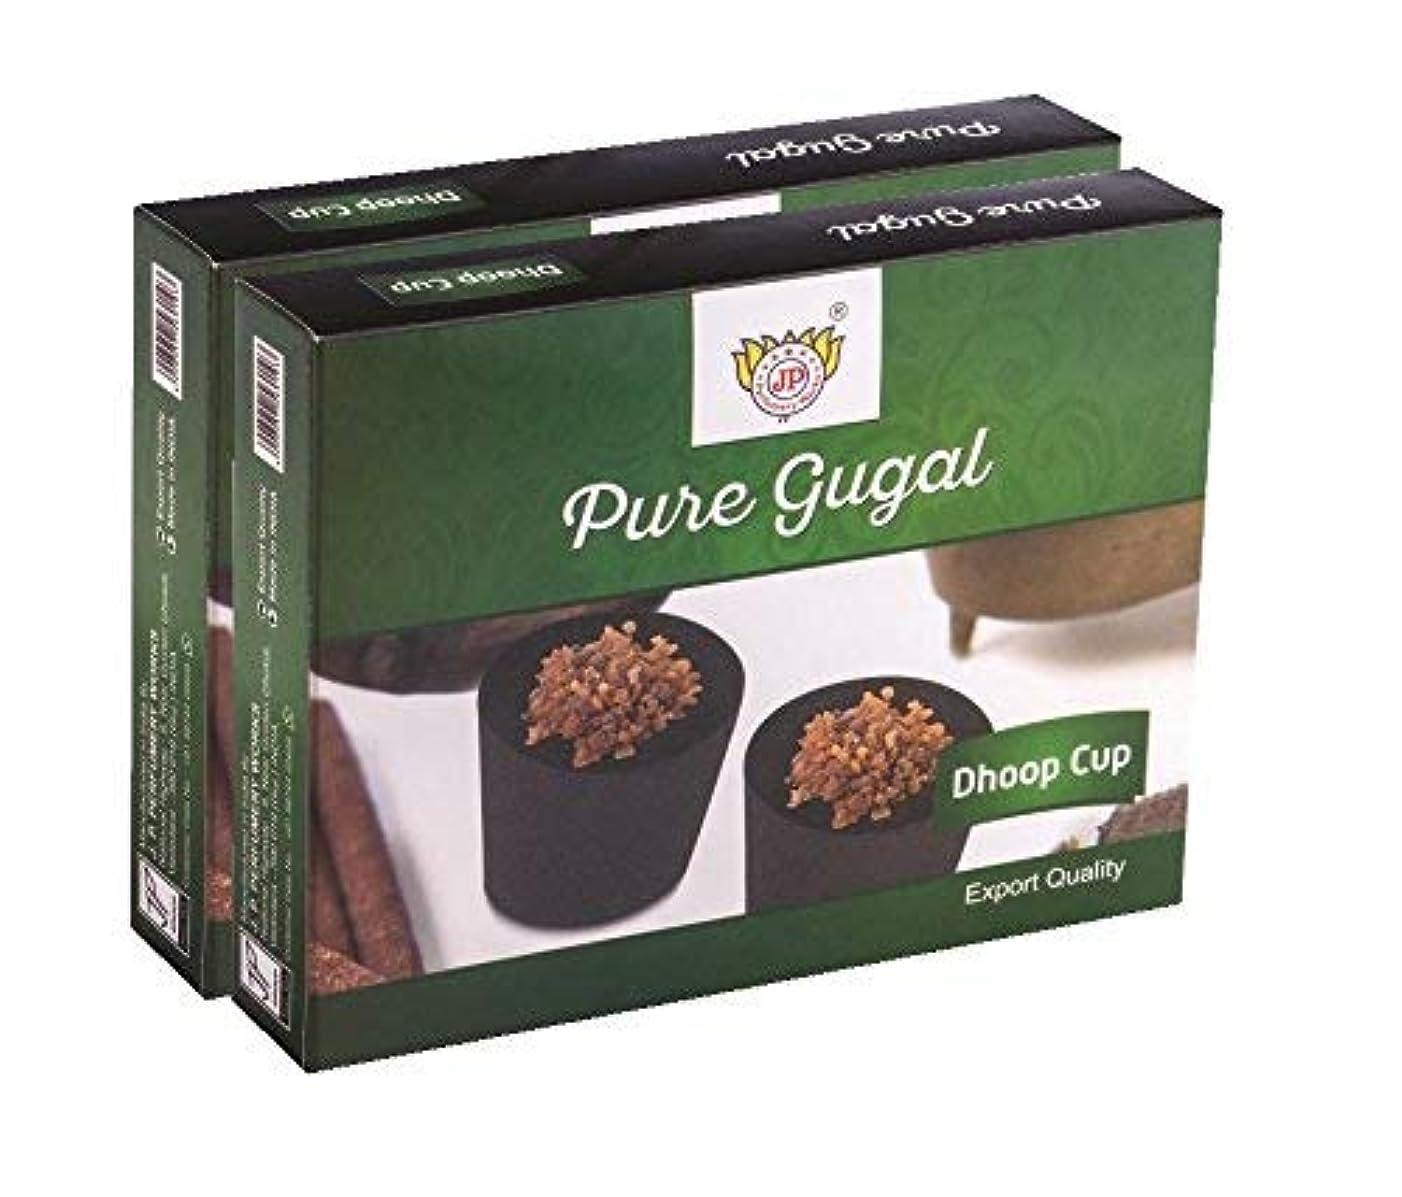 裏切りオートメーション無効J.P.Perfumery Works Rosewood Gugal Dhoop Cup (2 Packet)